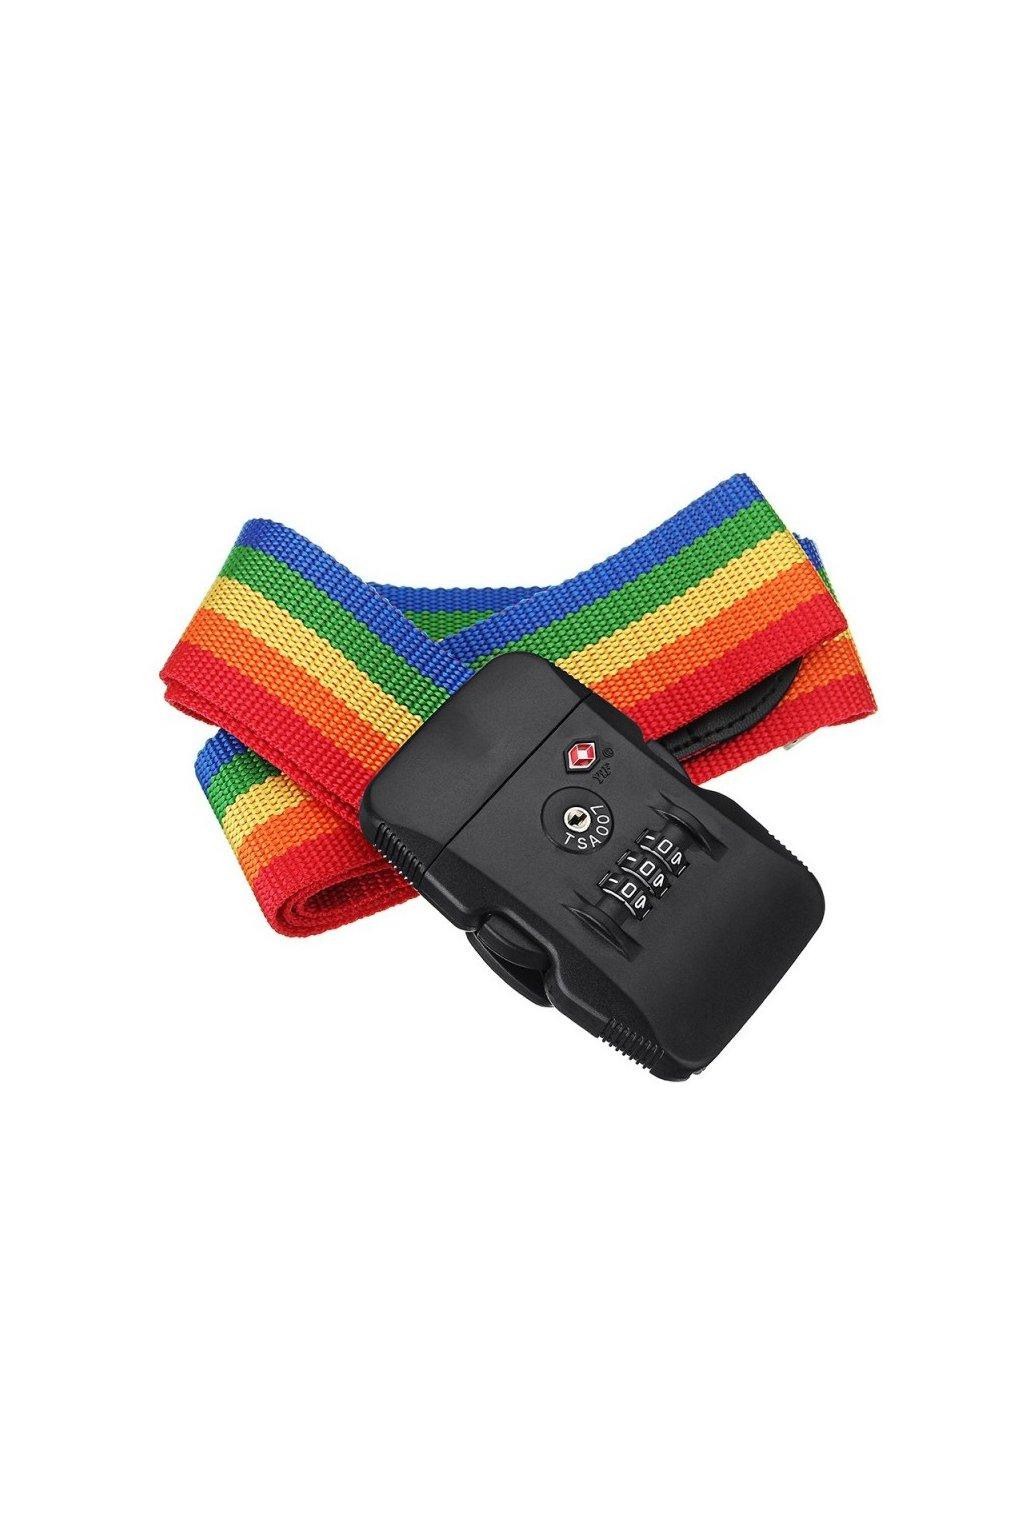 kufrland carryon rainbow luggage straptsa (4)